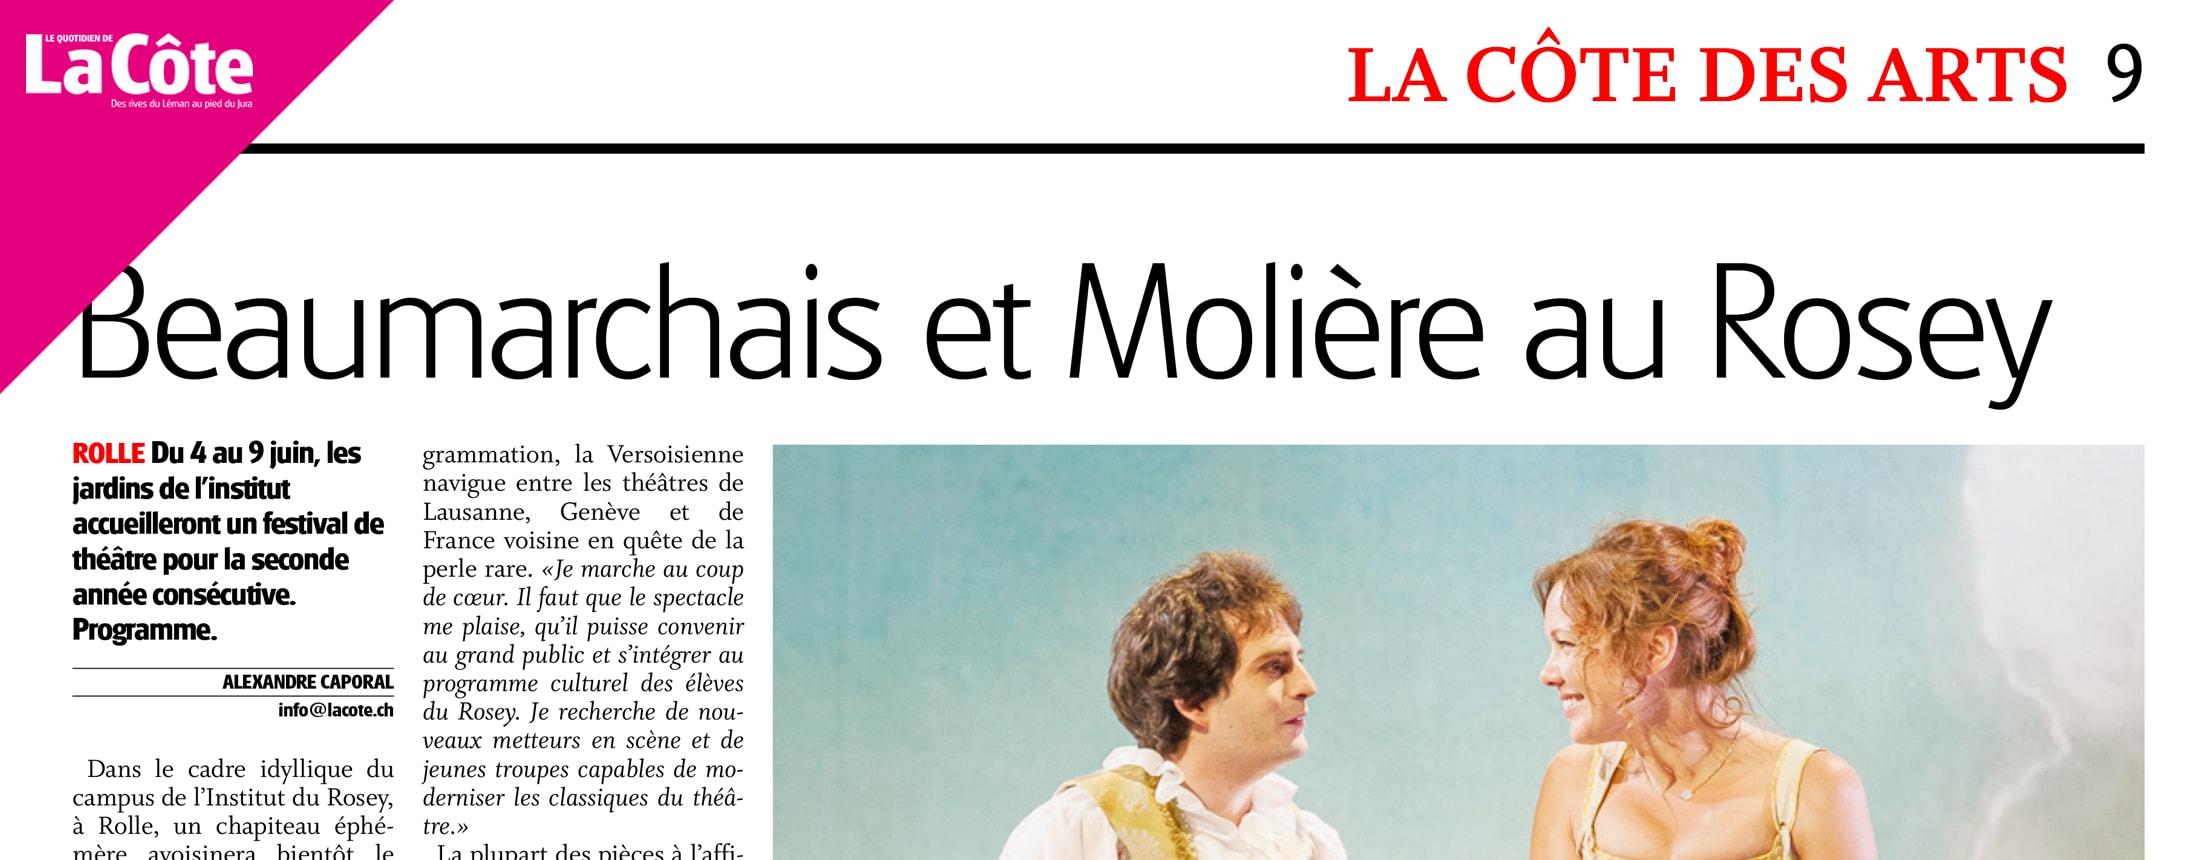 La Côte - Beaumarchais et Molière au Rosey